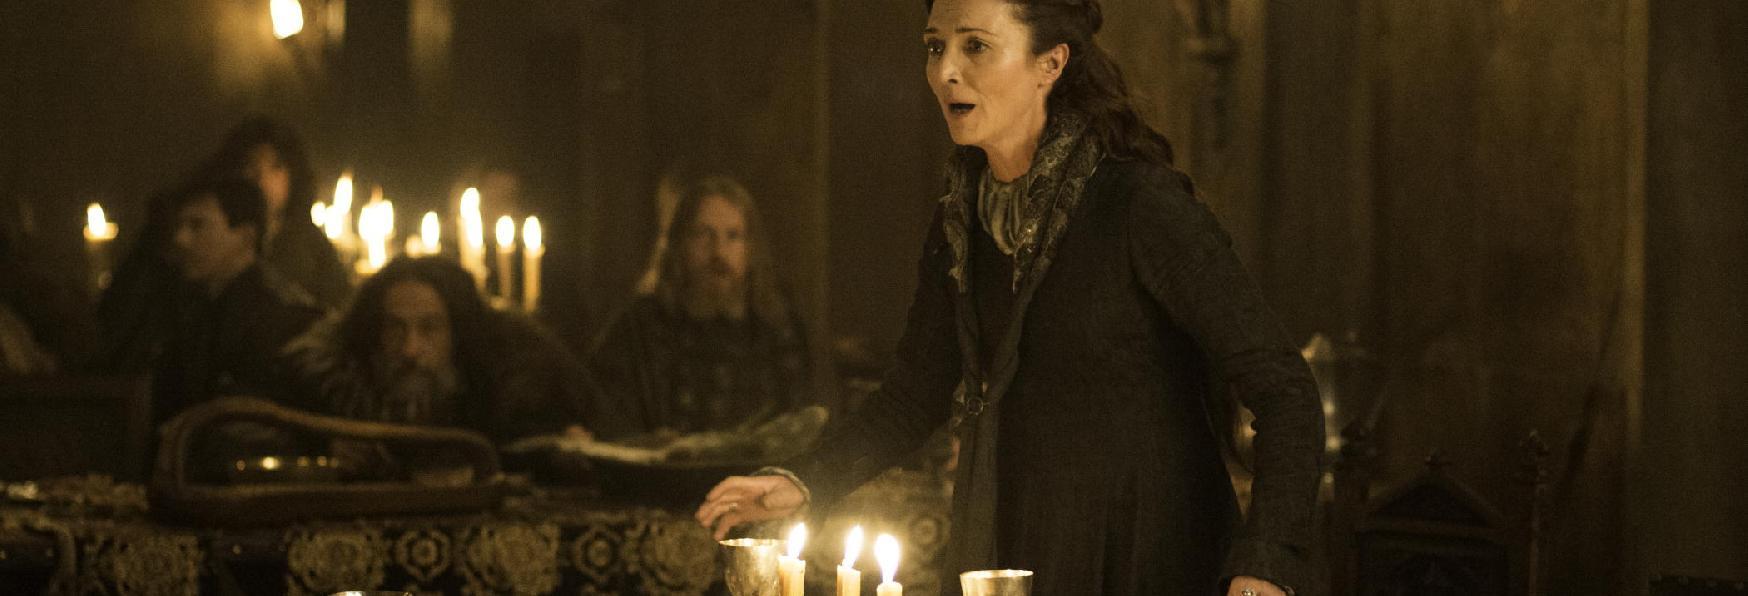 Game of Thrones: gli Ultimi Episodi dell'8° Stagione vi Sconvolgeranno come le Nozze Rosse